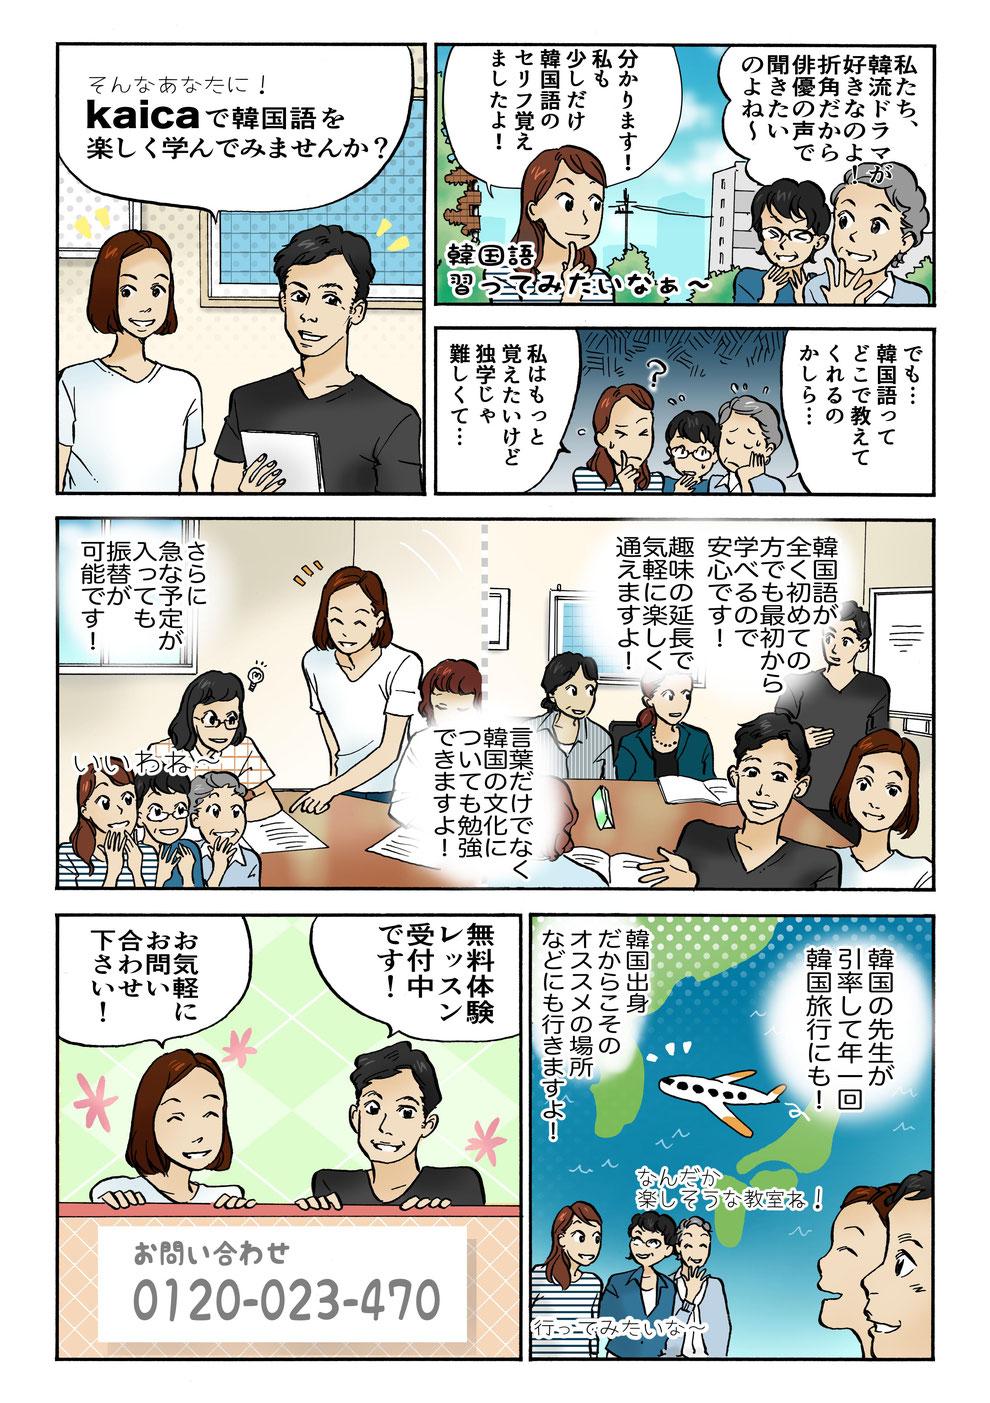 教え て ください 韓国 語